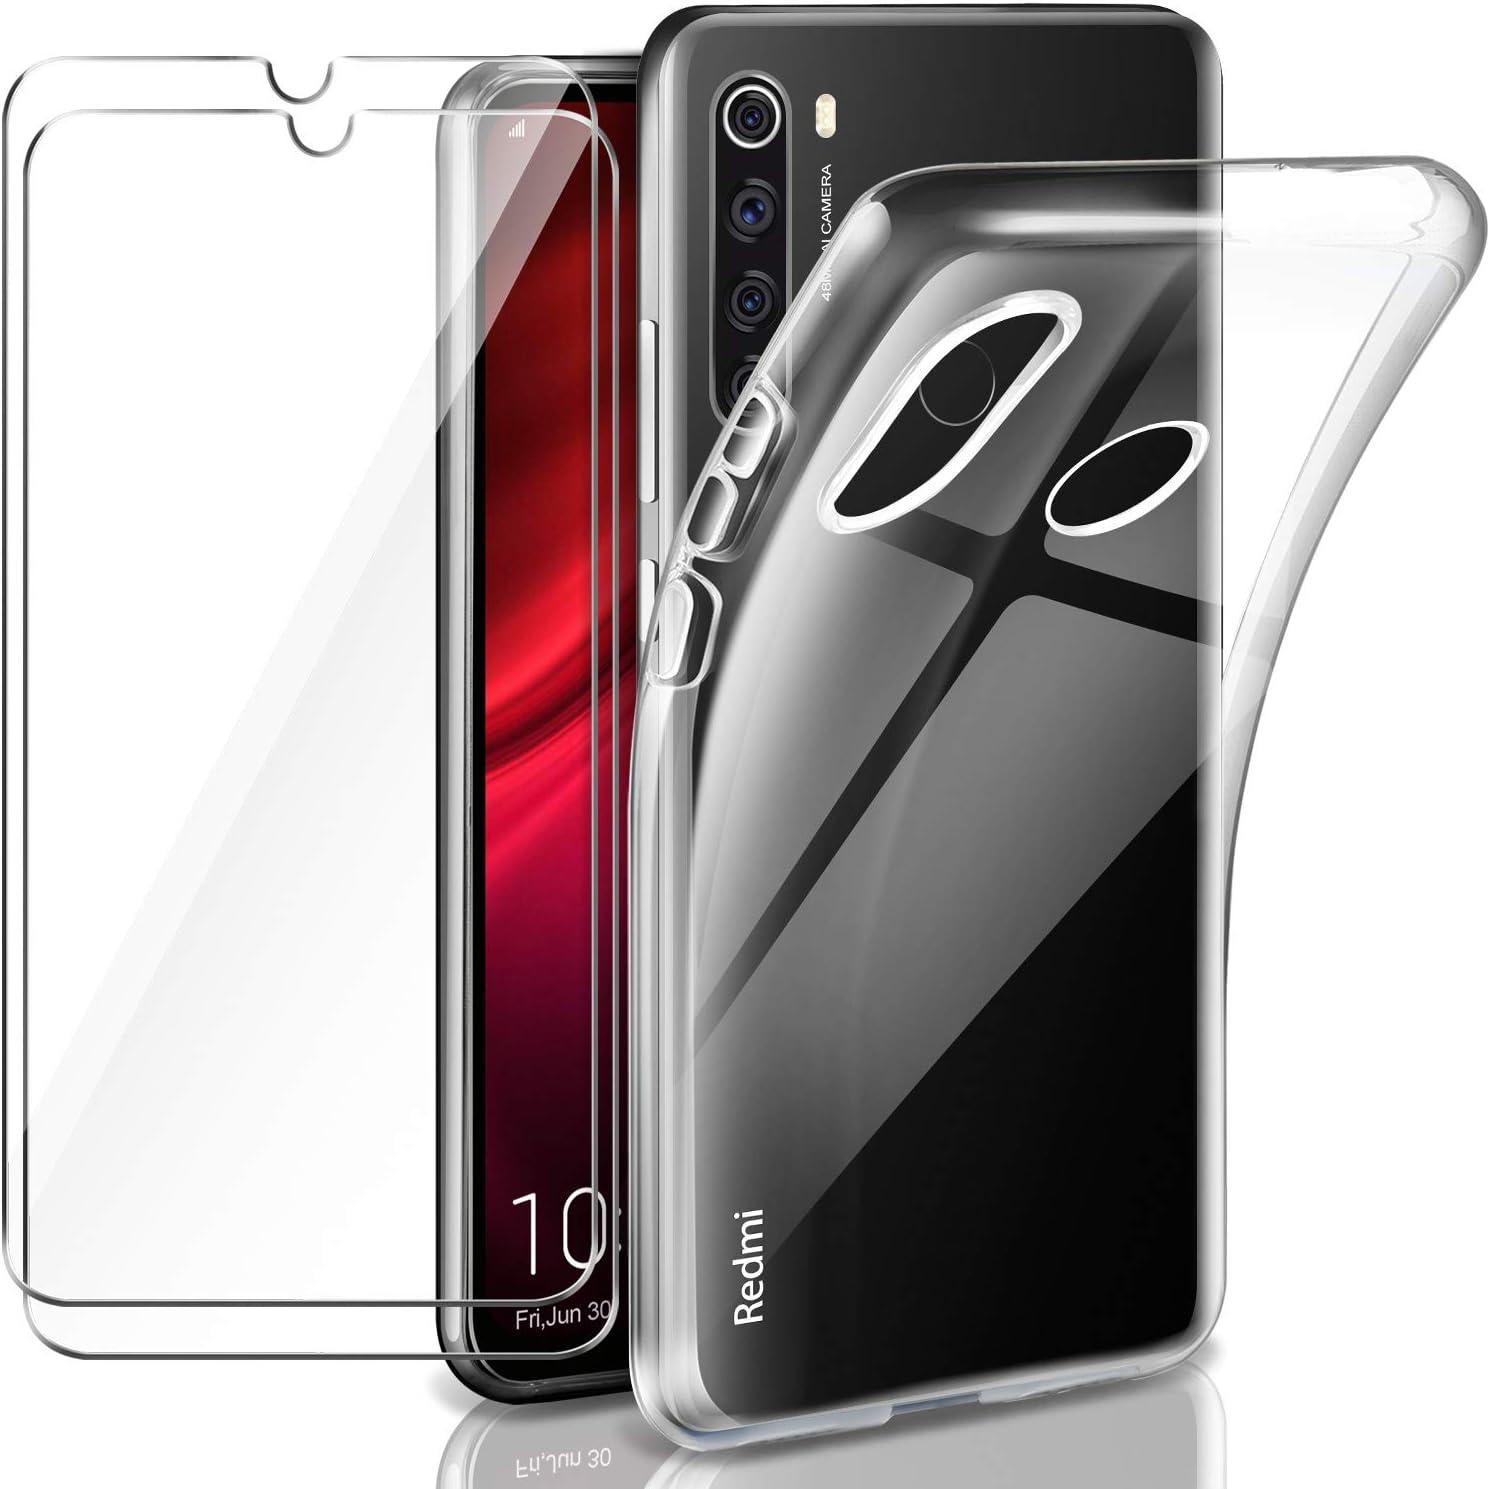 Transparente TPU Silicona Funda Cristal Vidrio Templado Protector de Pantalla y Caso Xiaomi Redmi Note 8T 2 x Protector de Pantalla Xiaomi Redmi Note 8T Leathlux Funda Xiaomi Redmi Note 8T